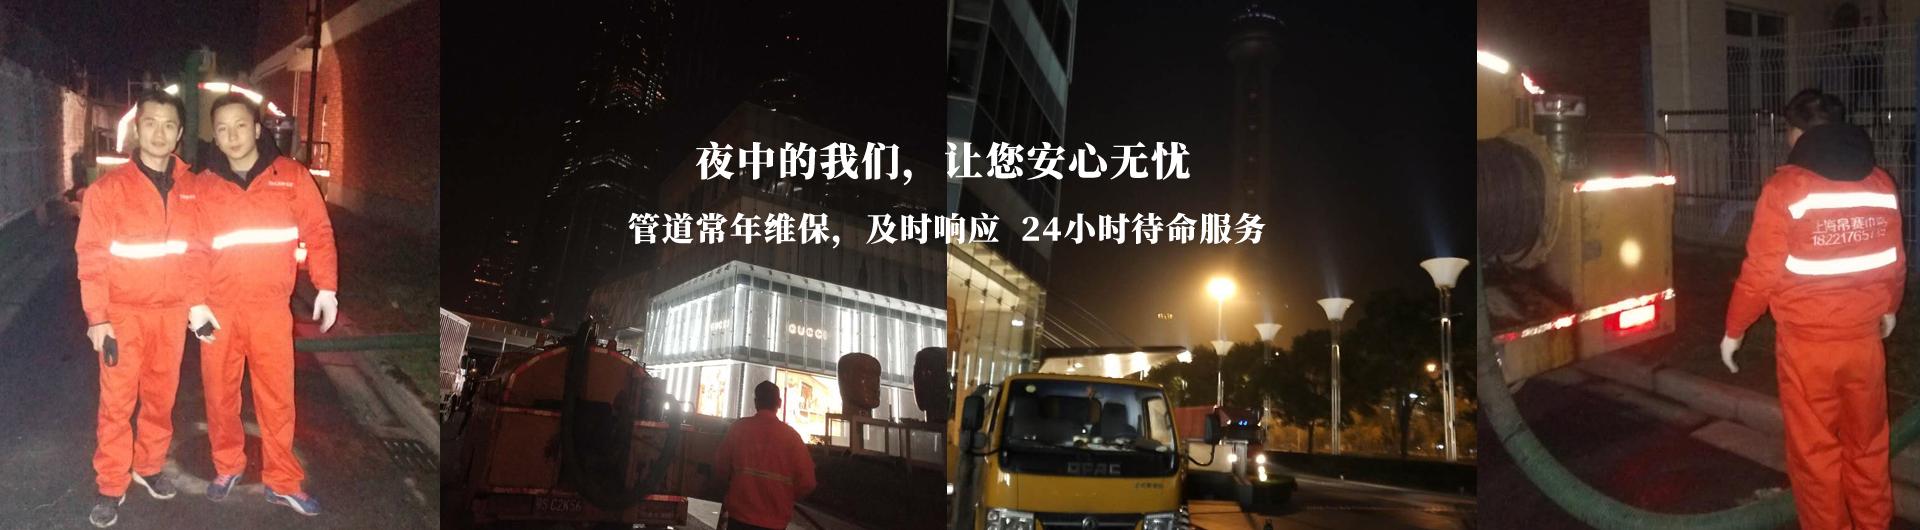 上海管道常年维保